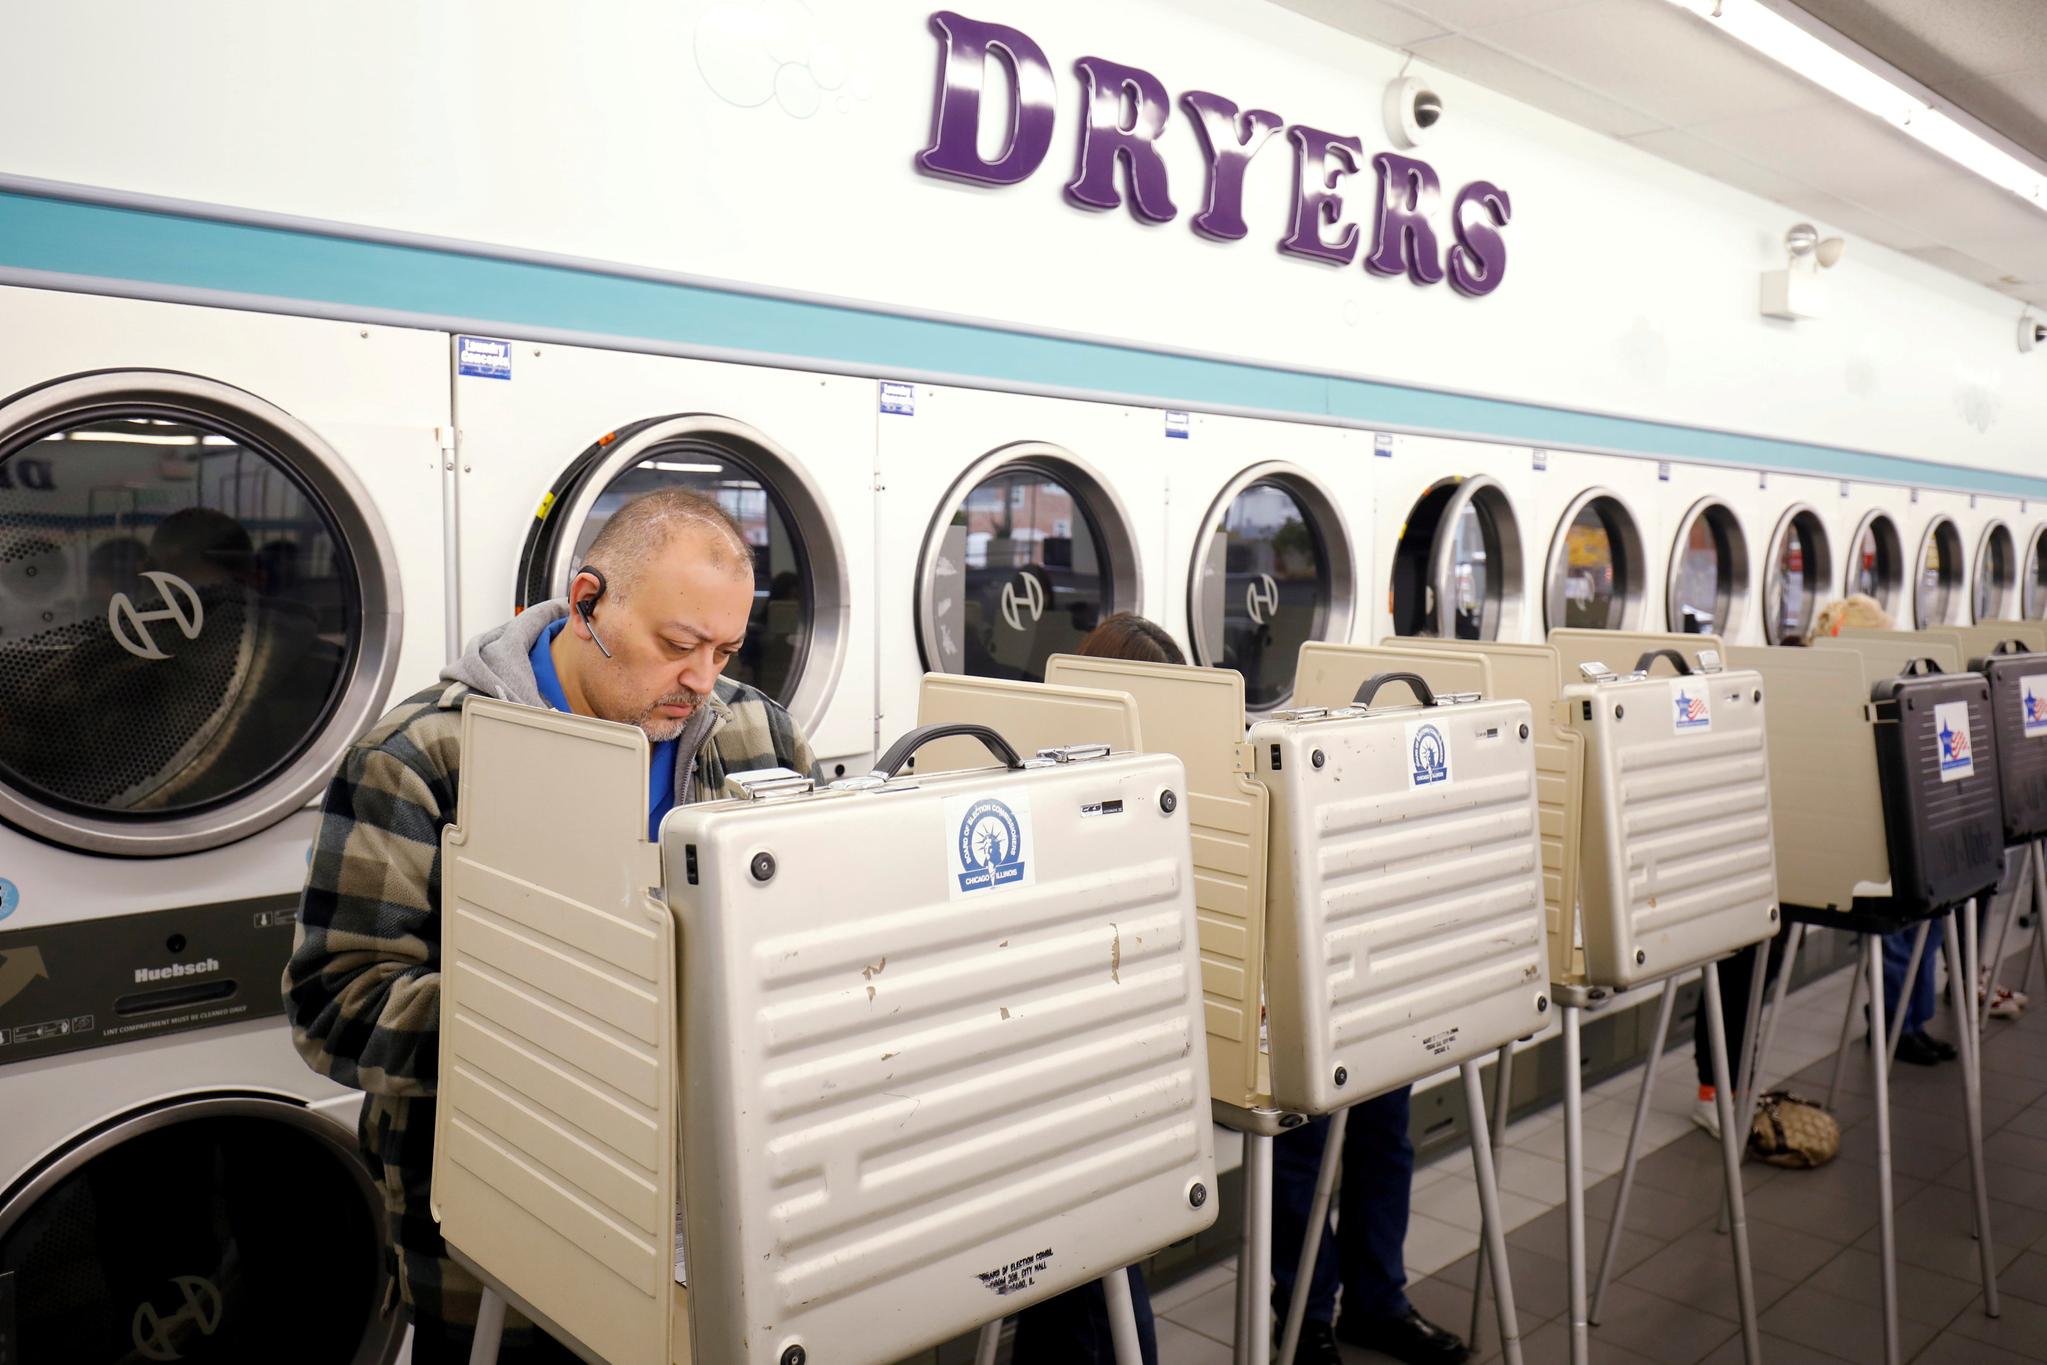 [서소문사진관] 수영장, 세탁소에 줄 서고...미 중간 선거 열기, 눈에 띄는 이색 투표소